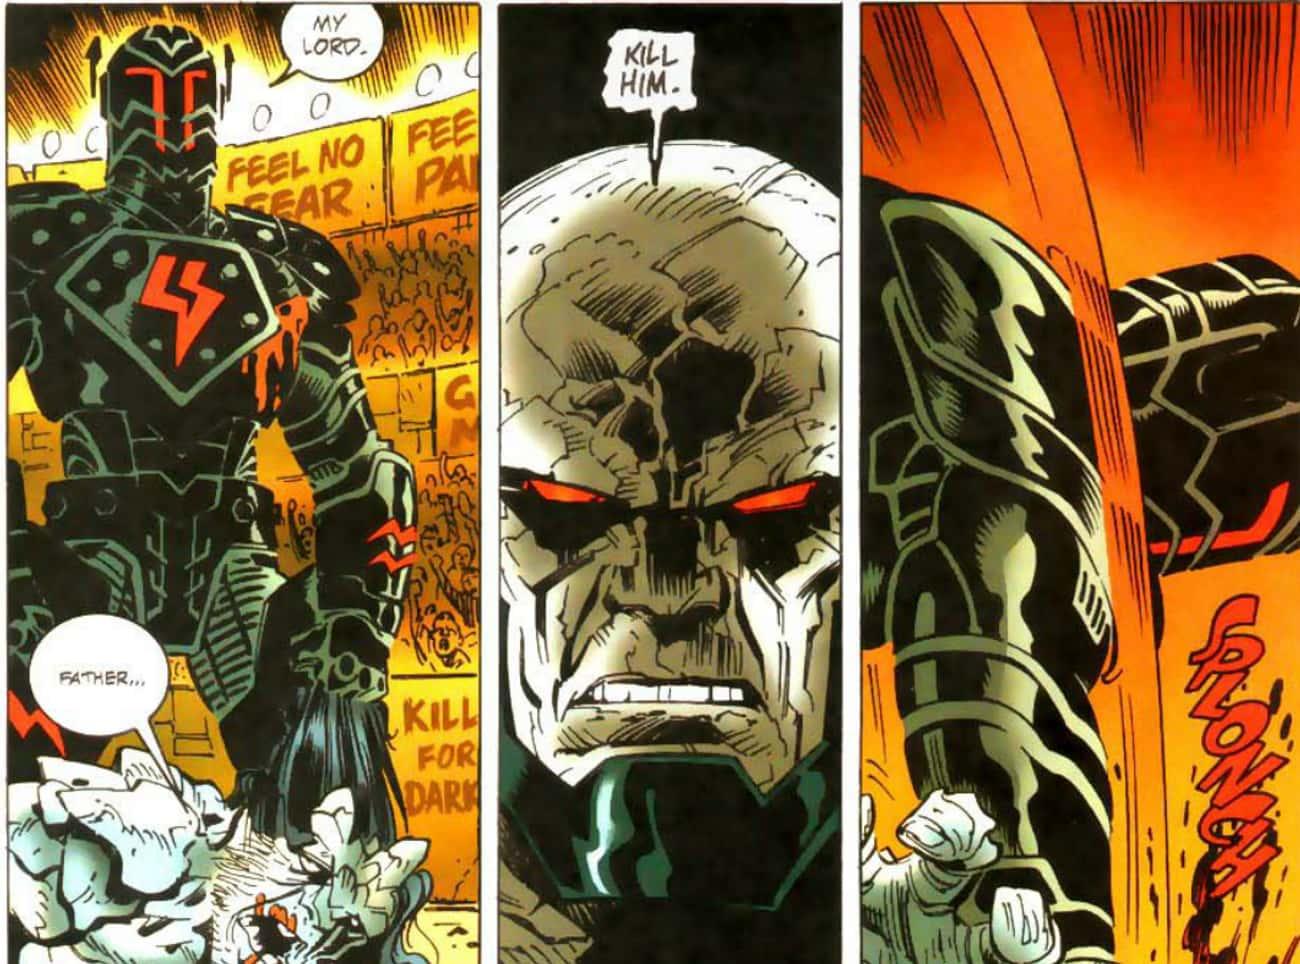 He Murders Darkseid's Son